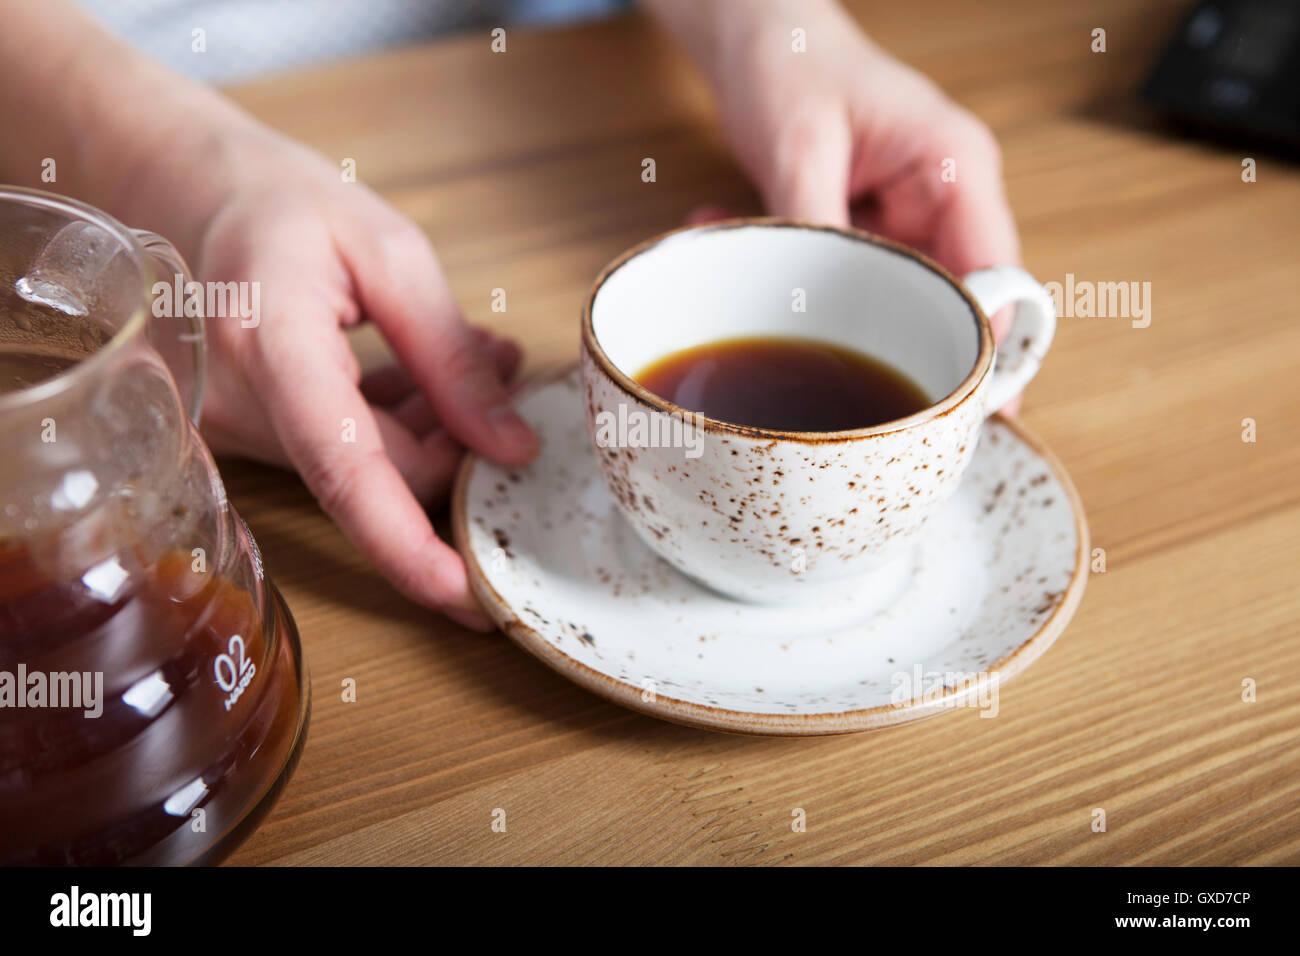 Weiße Tasse Kaffee in der Hand. Barista halten Kaffee Stockbild